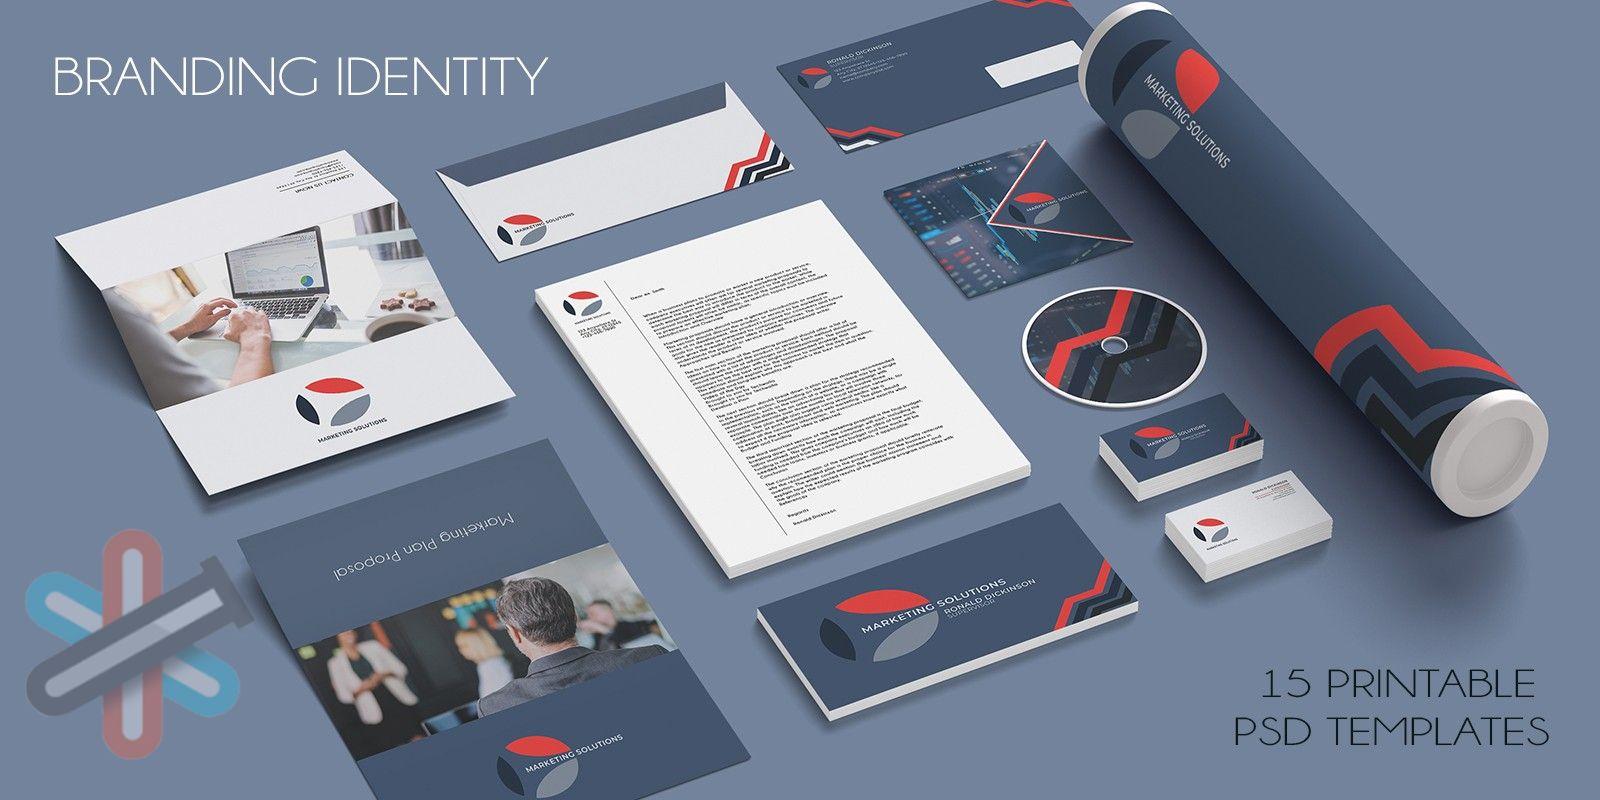 لایه باز هویت نام برند بازاریابی برای فتوشاپ 1